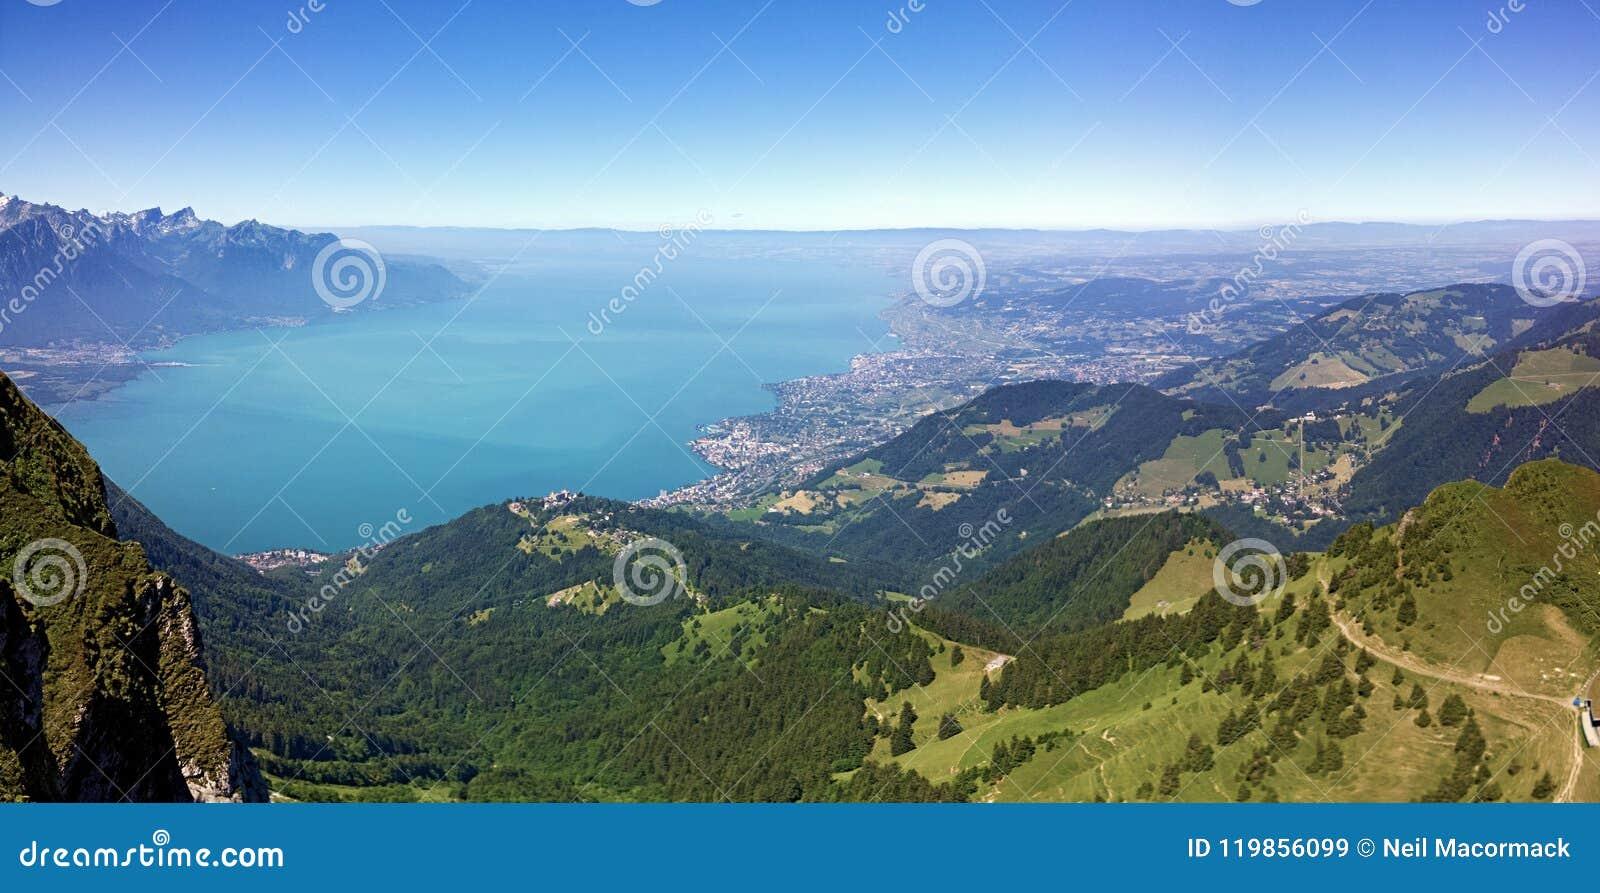 Он Rochers de Naye гора швейцарских Альпов, обозревая женевское озеро